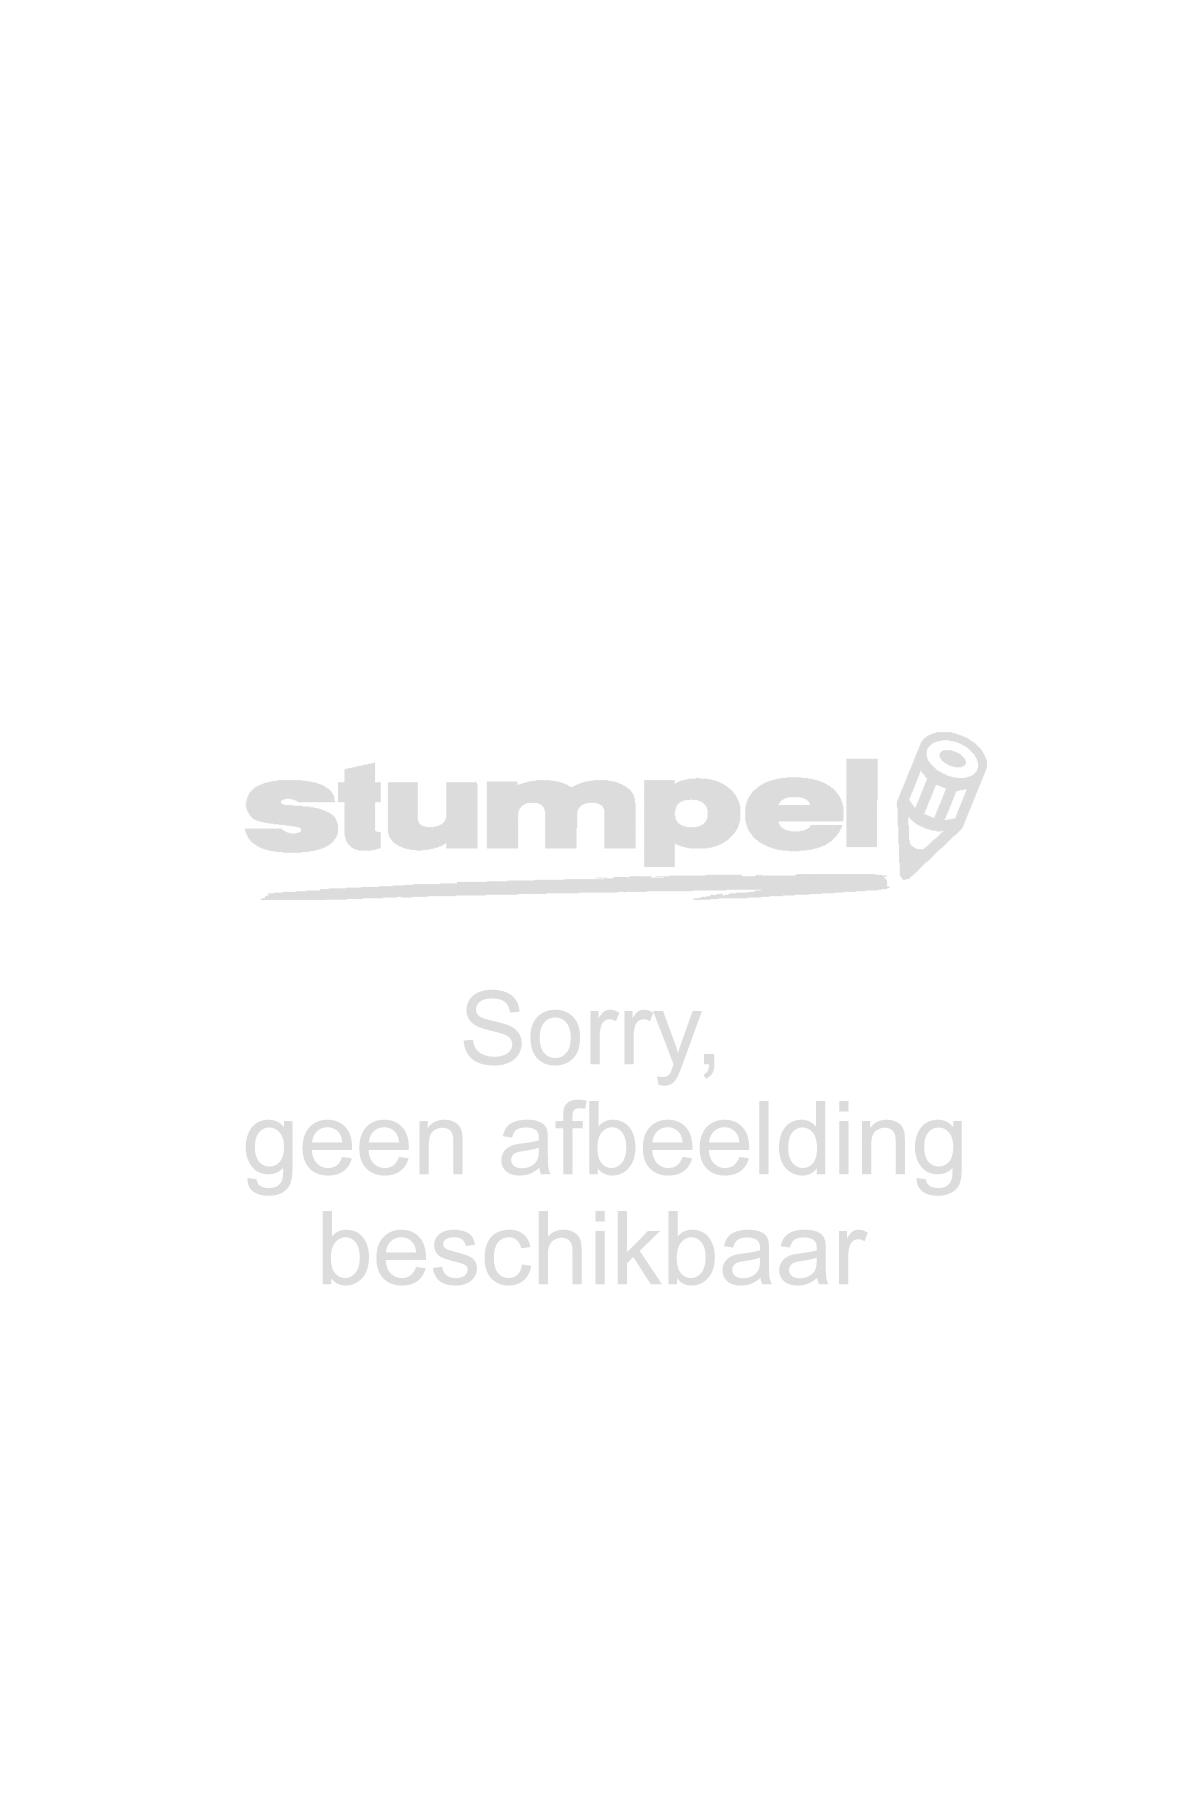 viltstift-edding-380-flipover-rond-groen-1-5-3mm-631034